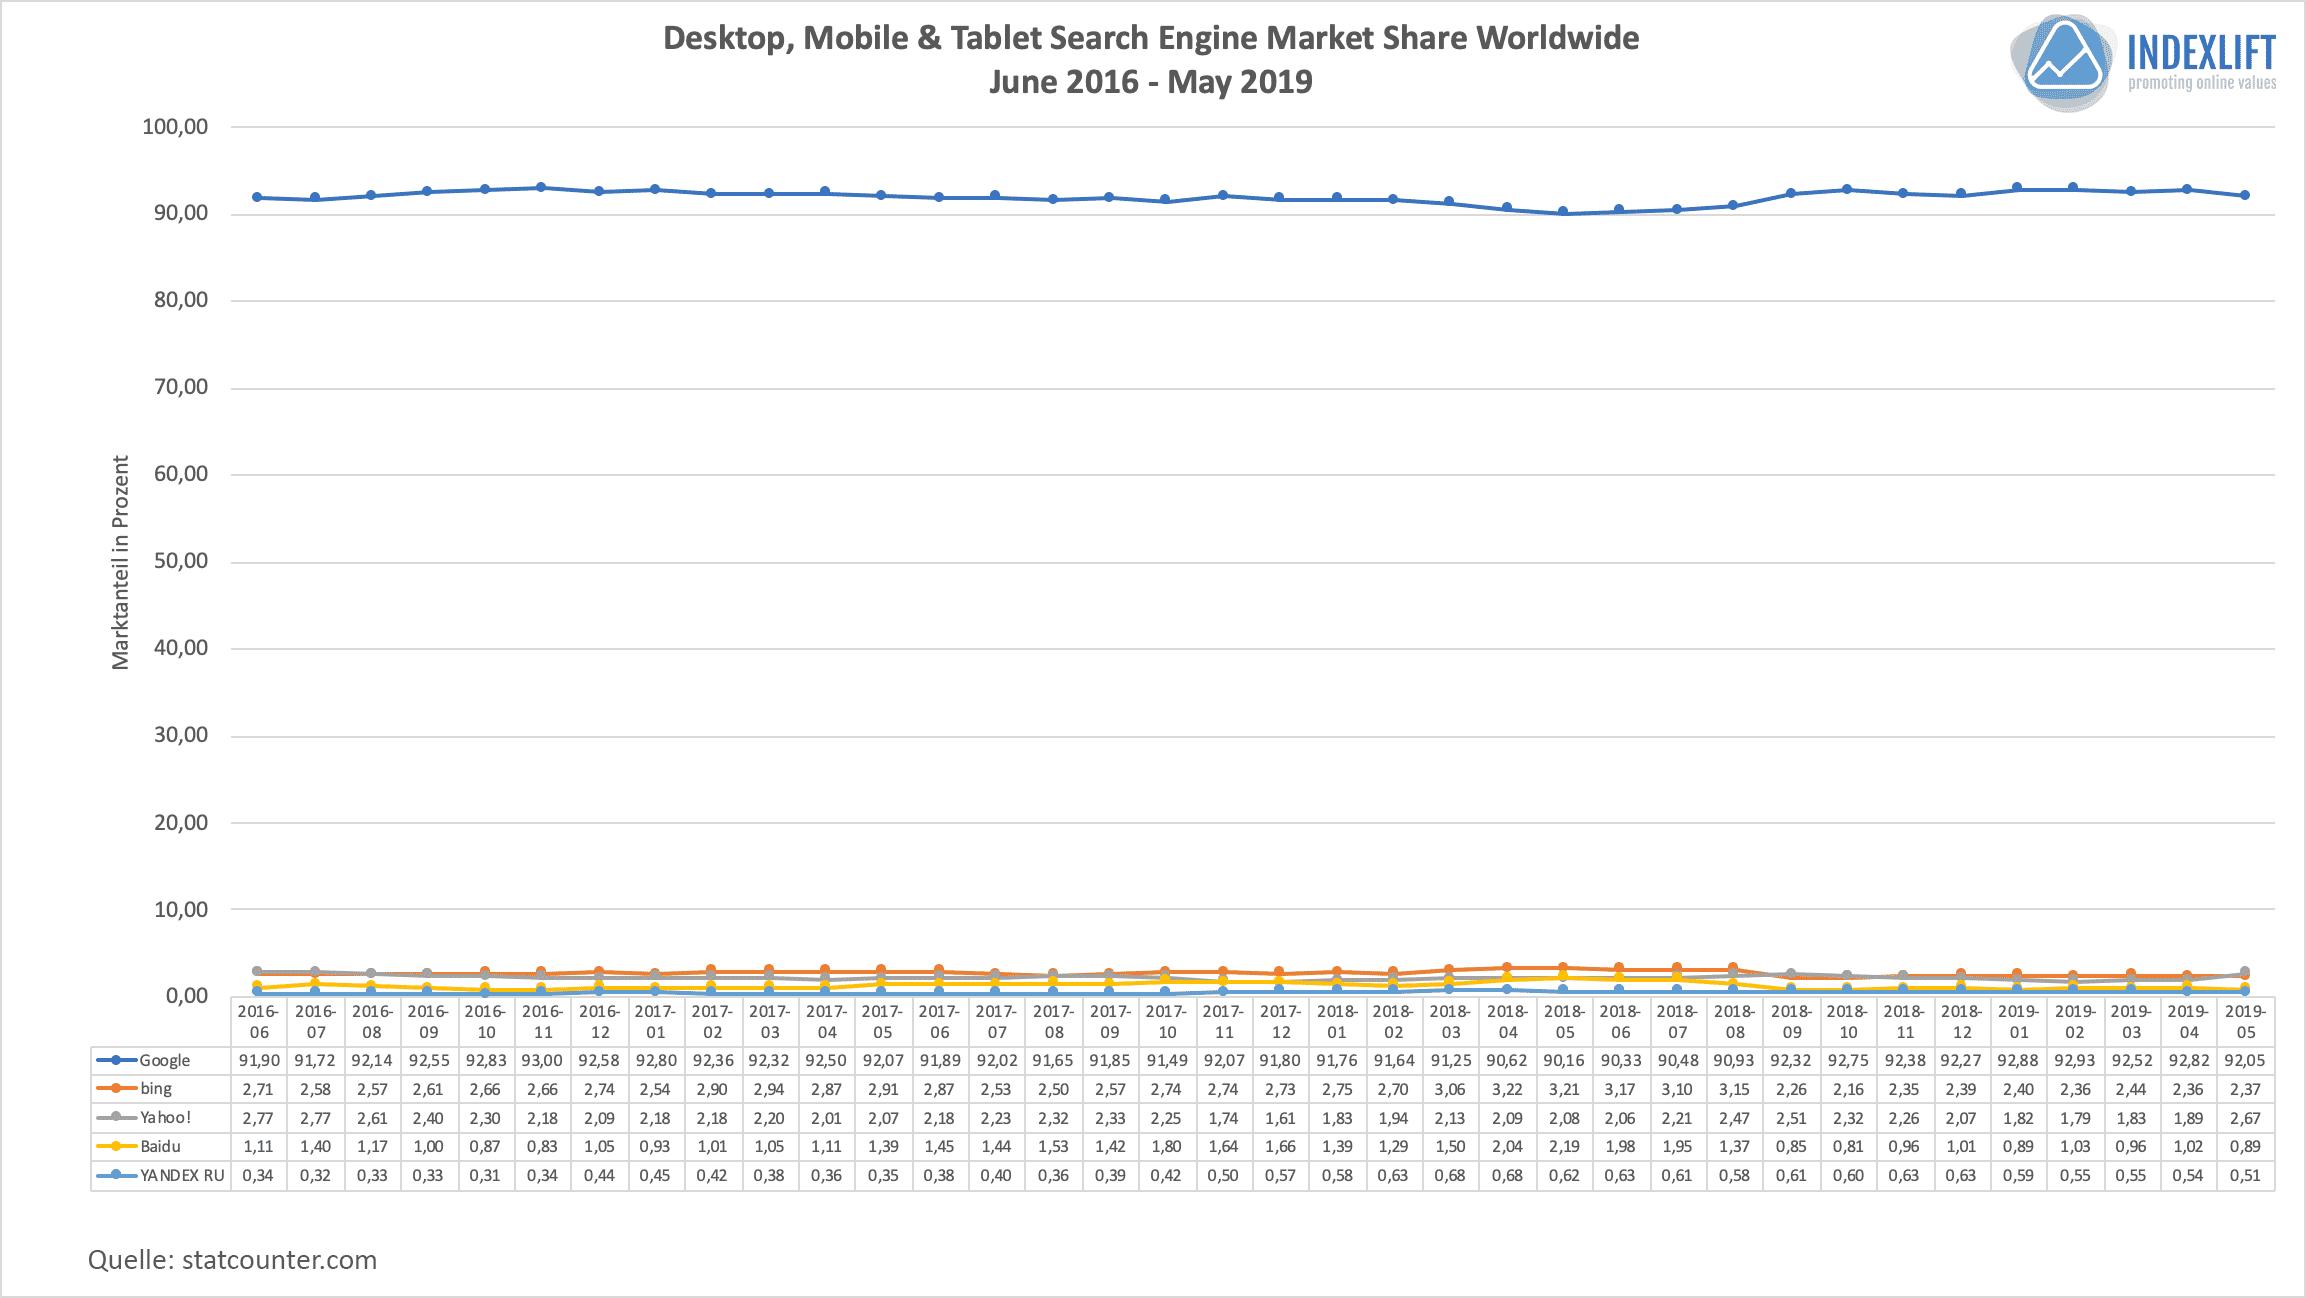 Marktanteile Suchmaschinen - Verteilung weltweit